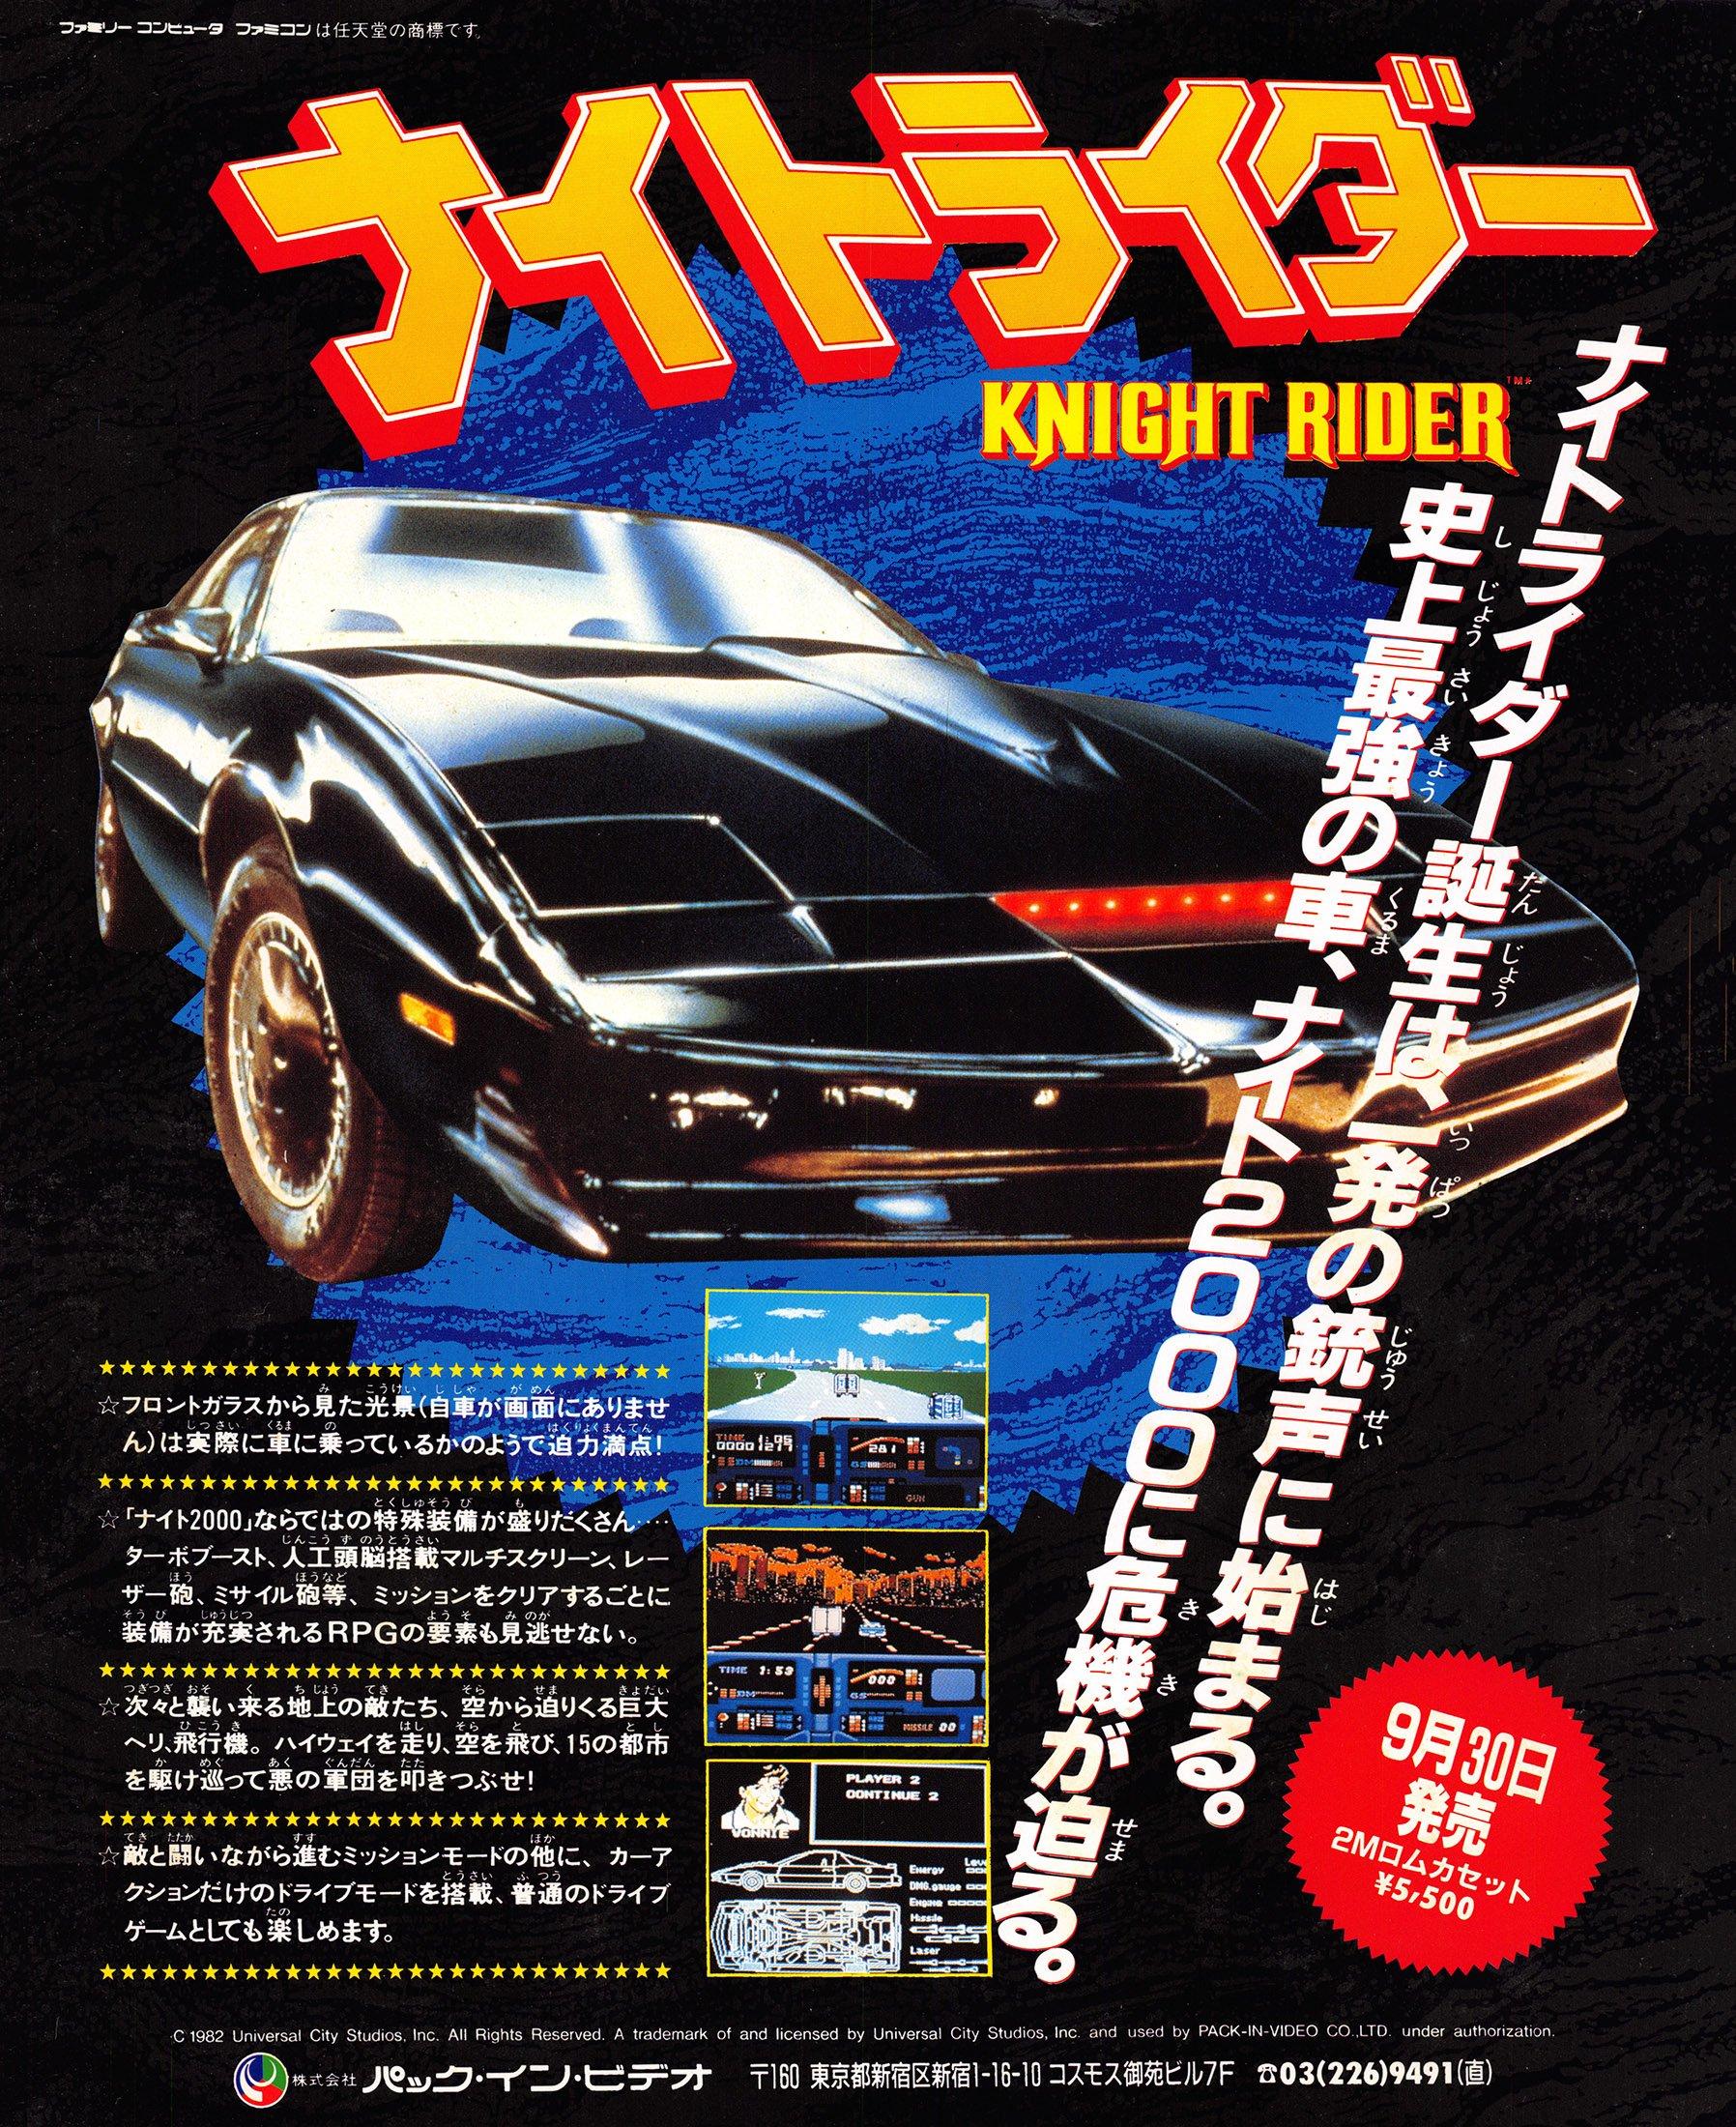 Knight Rider (Japan)